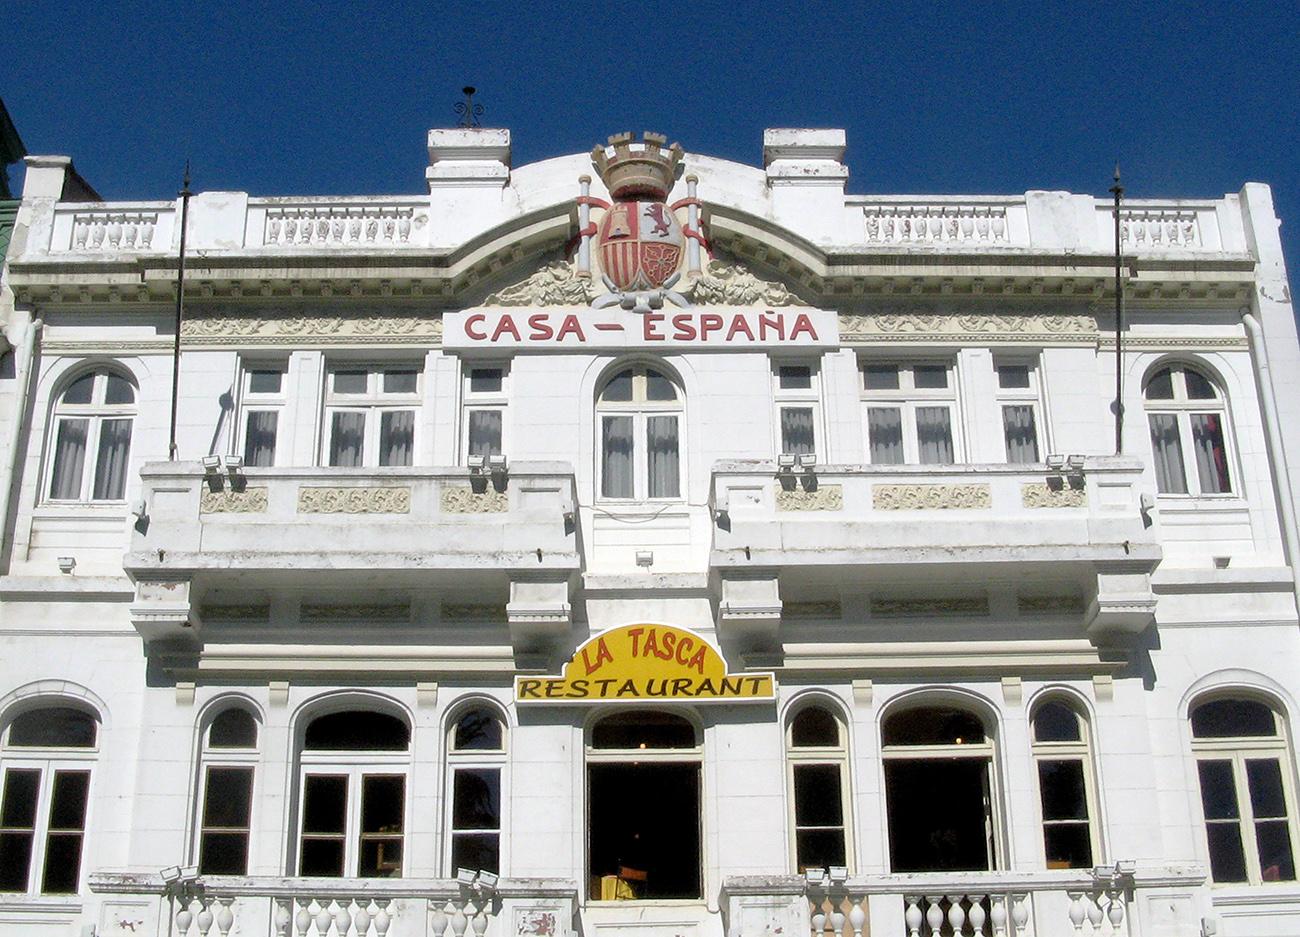 Dine at La Tasca